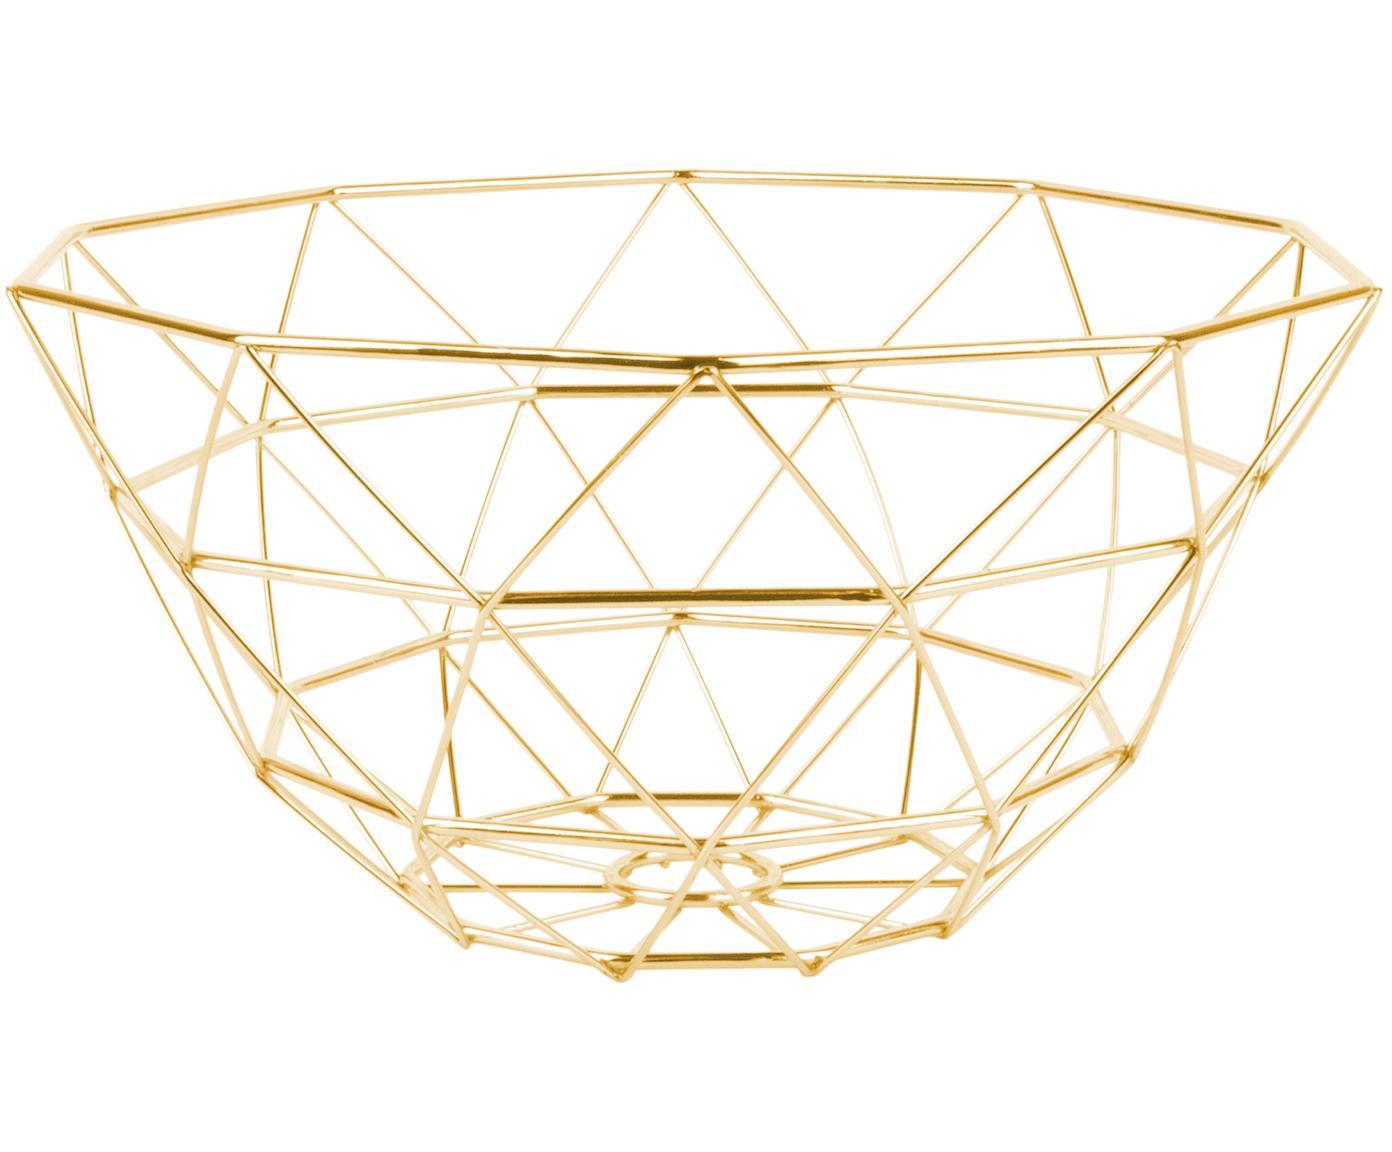 Kosz do przechowywania Diamond Cut, Metal, Odcienie złotego, matowy, Ø 30 x W 15 cm